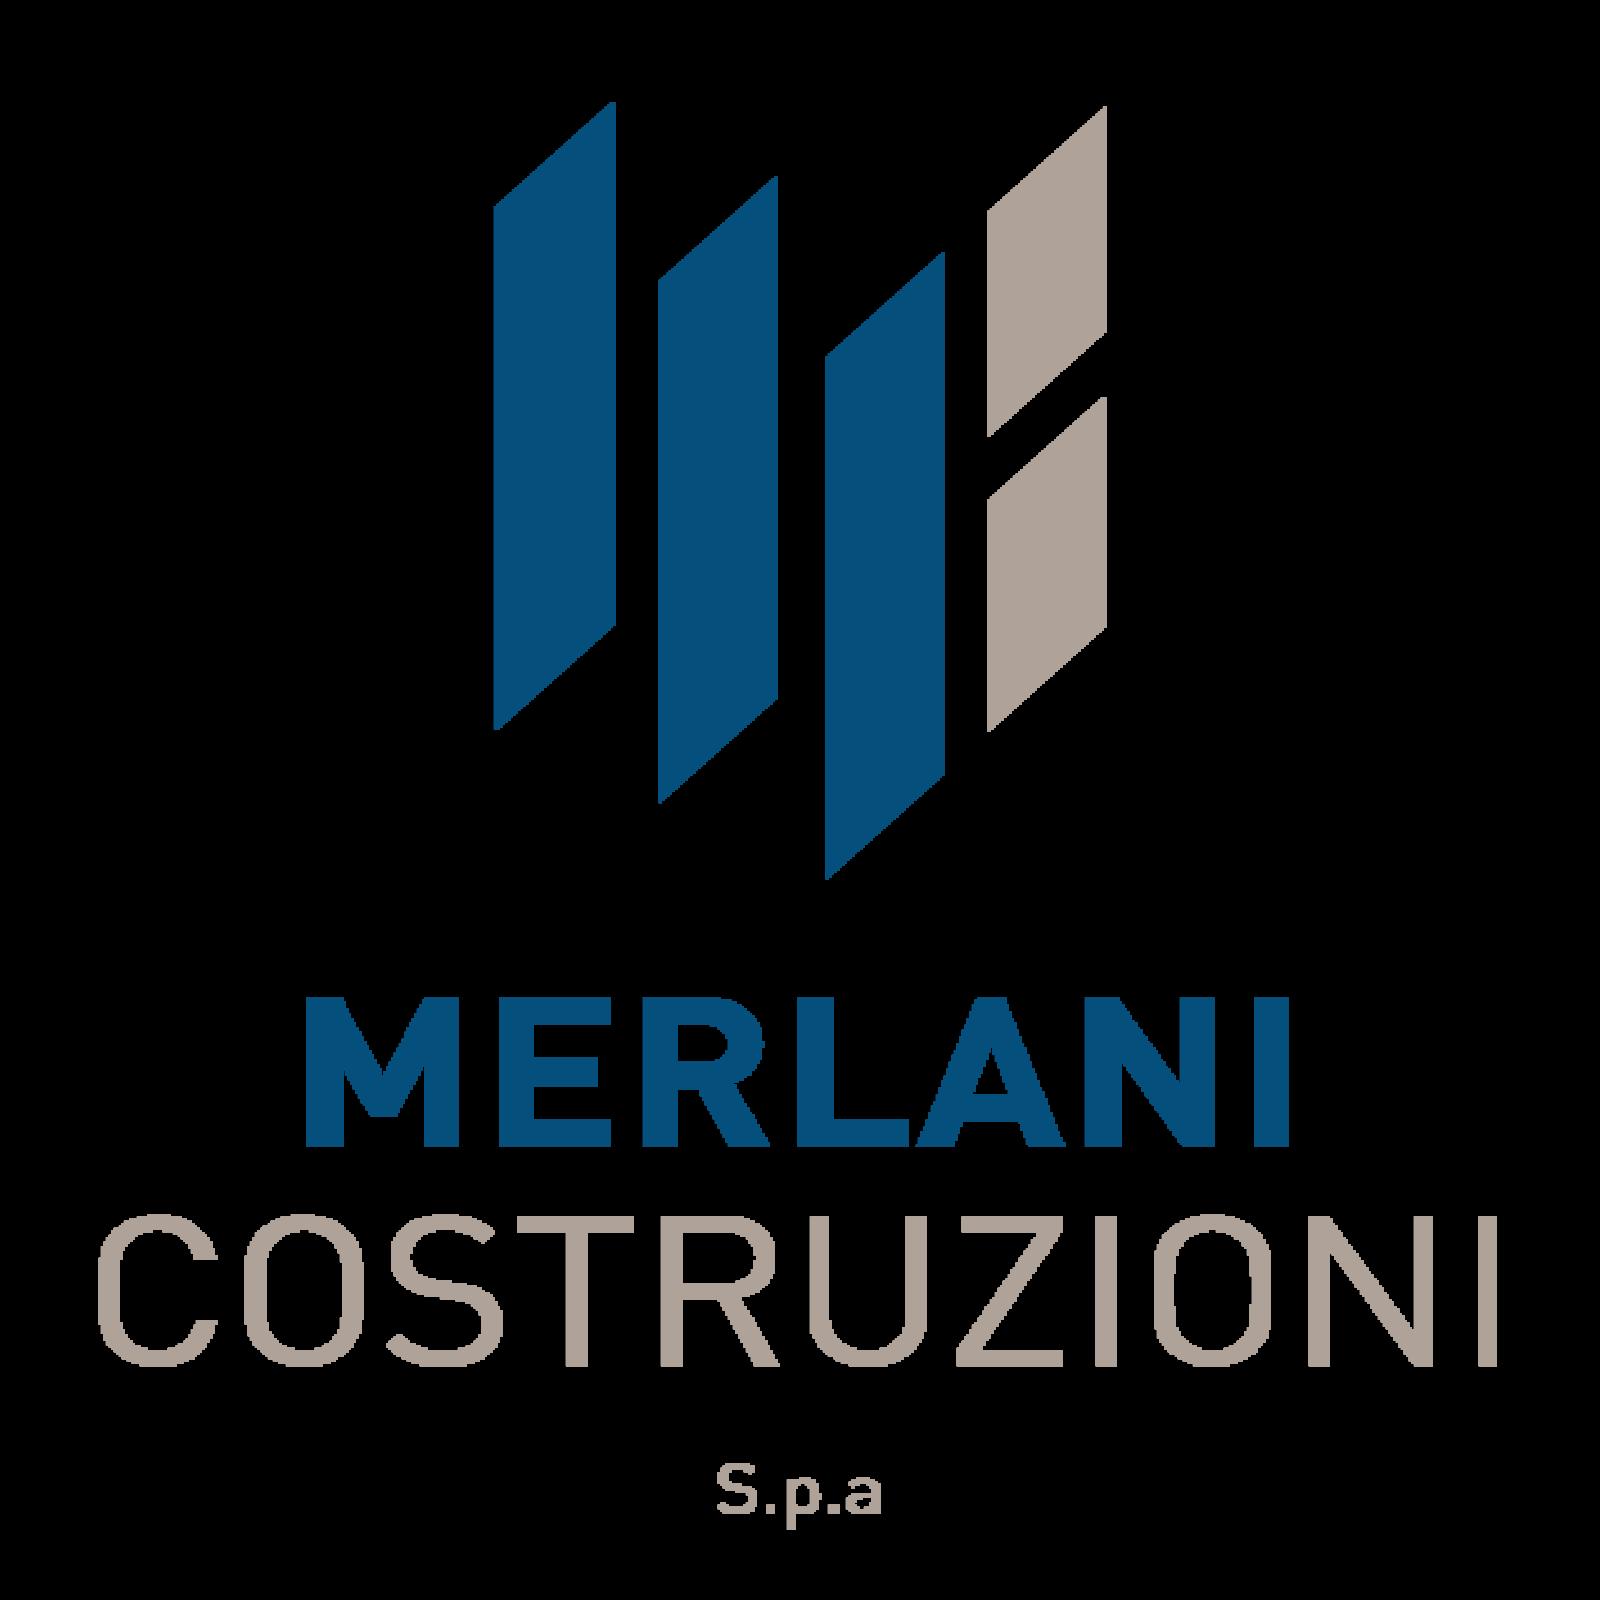 Merlani Costruzioni Spa